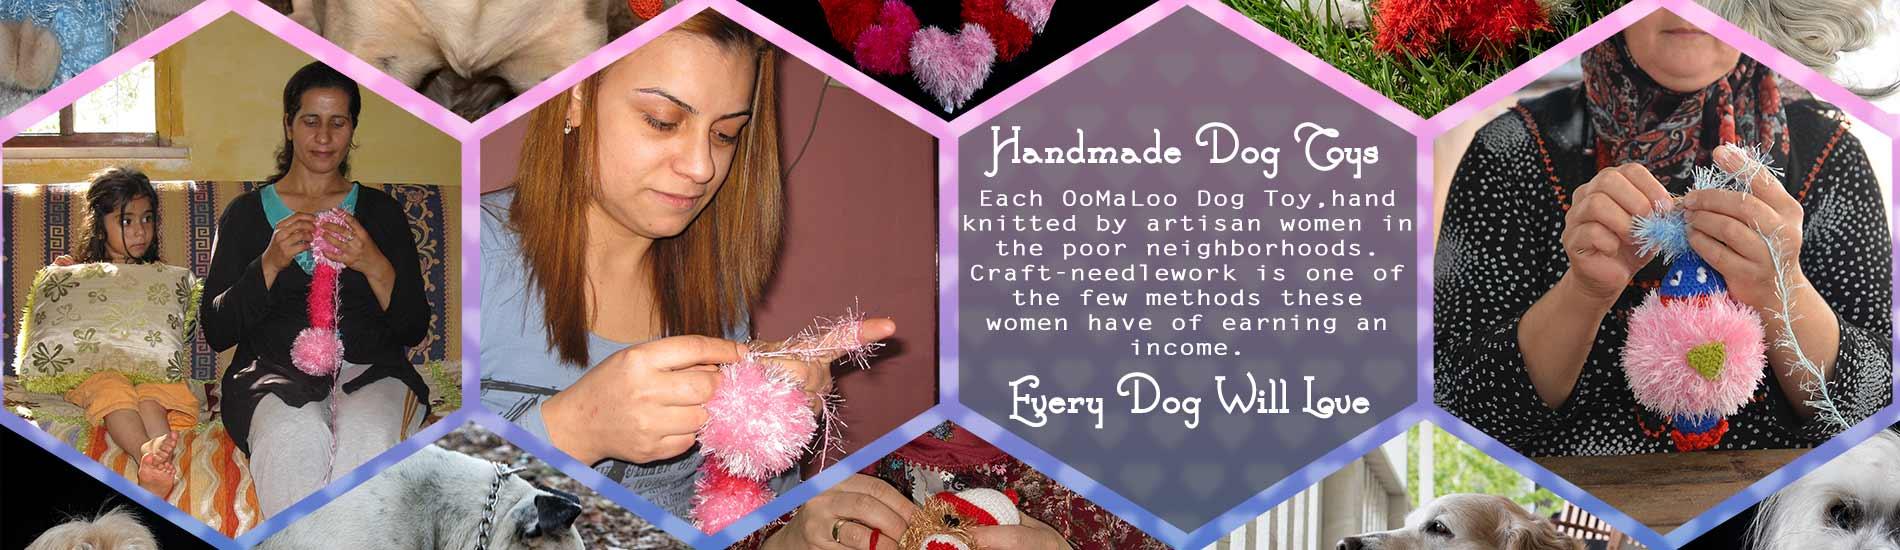 Handmade premiuim plush dog toys